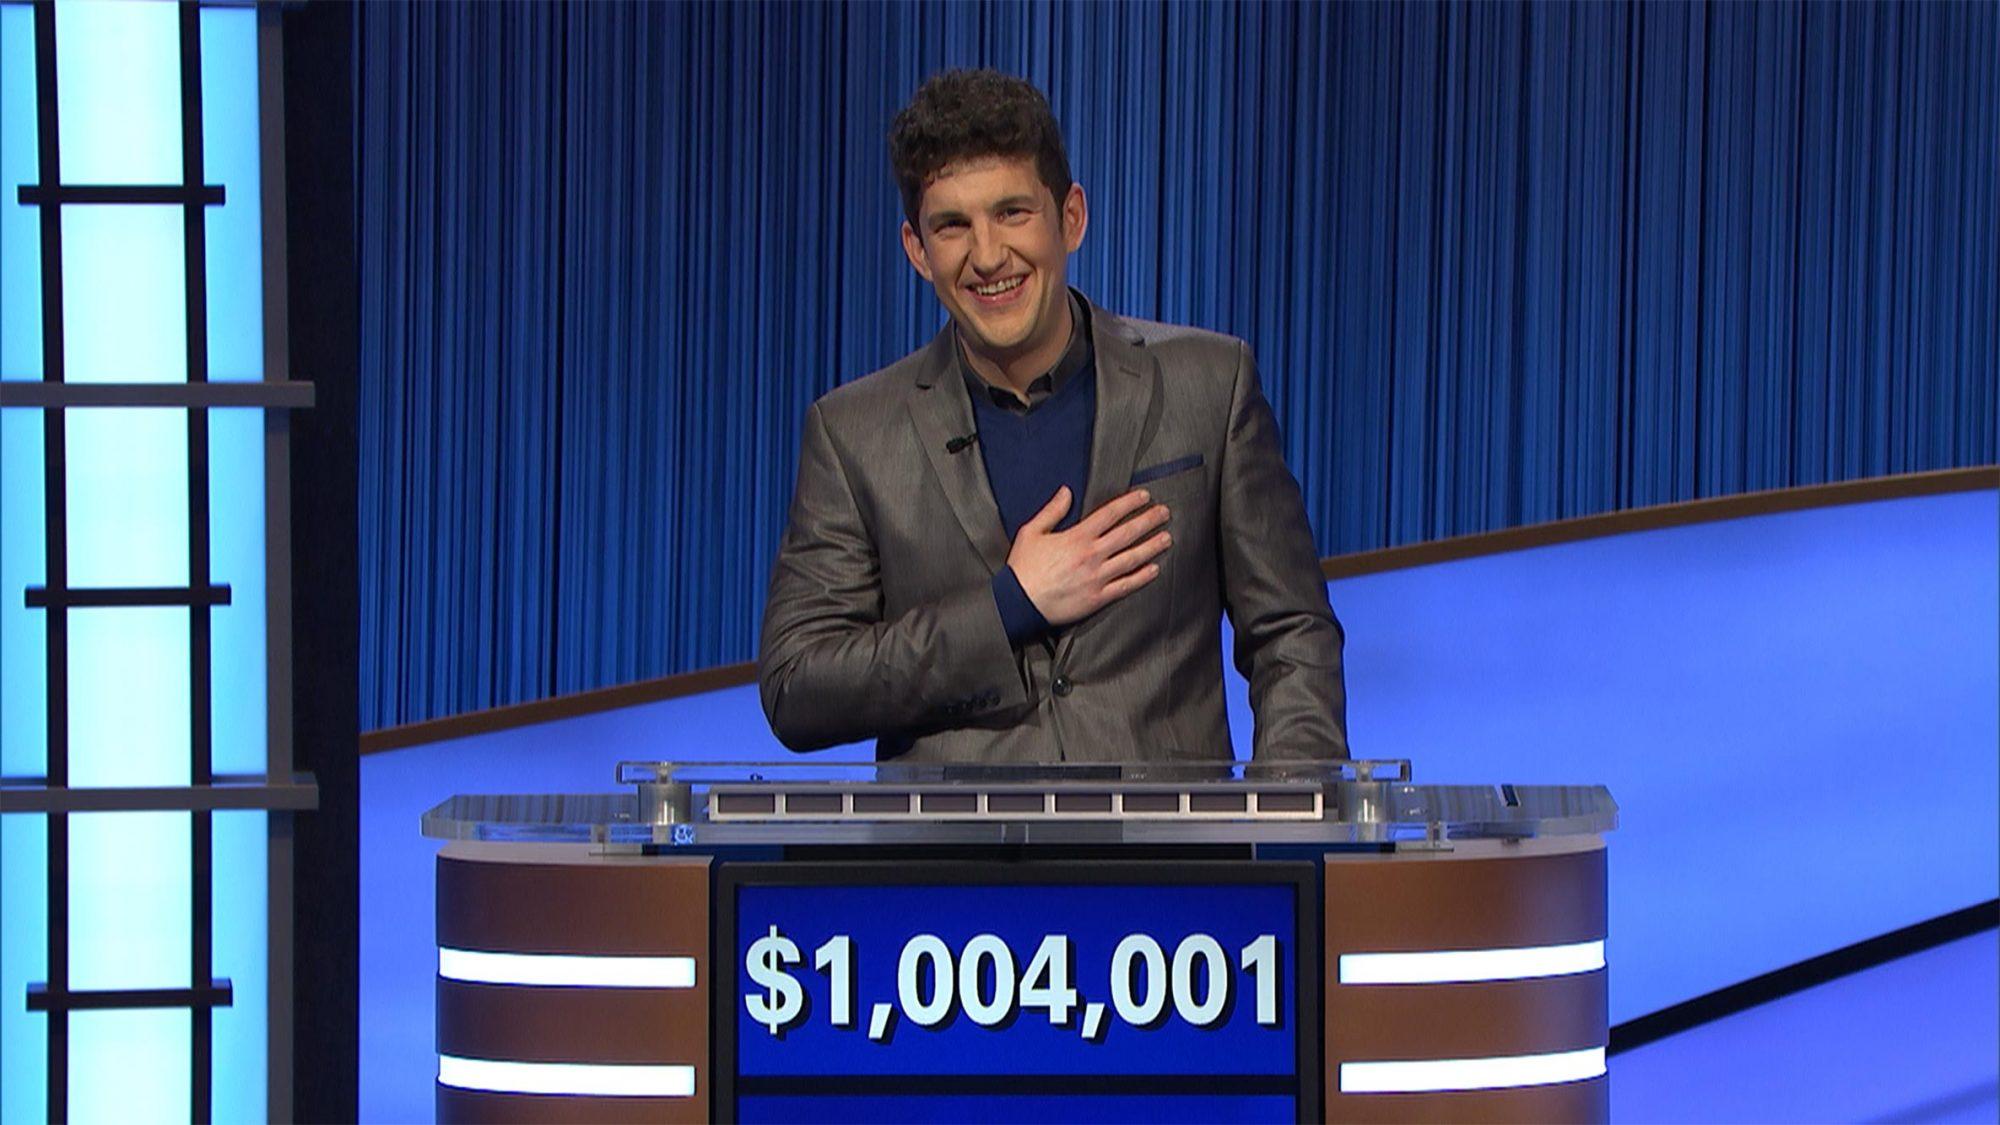 Matt Amodio wins a million dollars on Jeopardy!